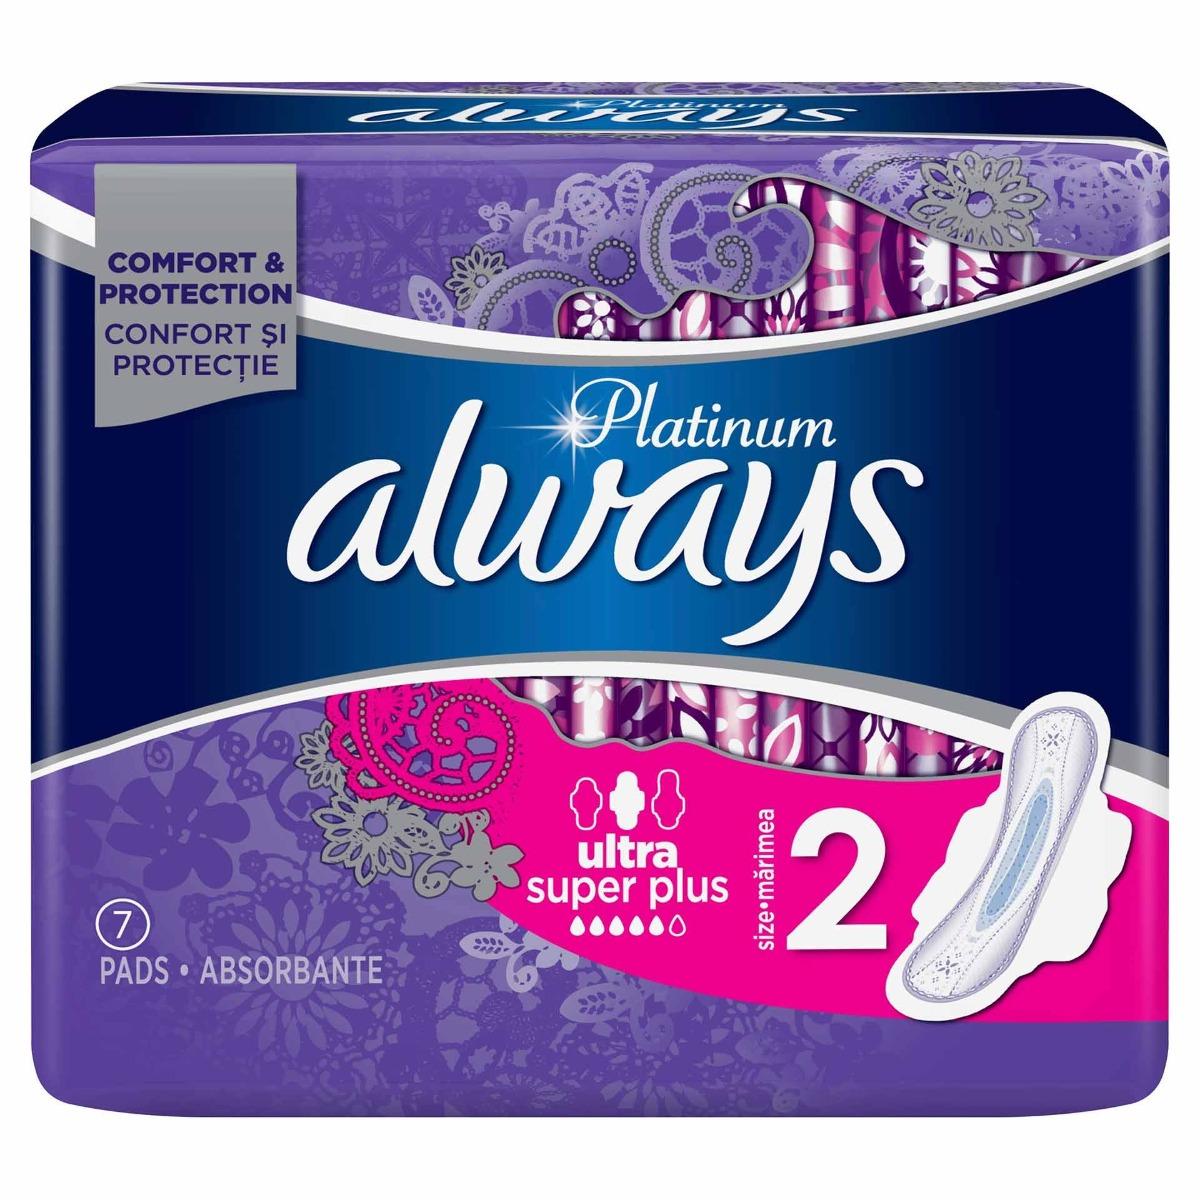 Absorbante Platinum Super - marimea 2, 7 bucati, Always imagine produs 2021